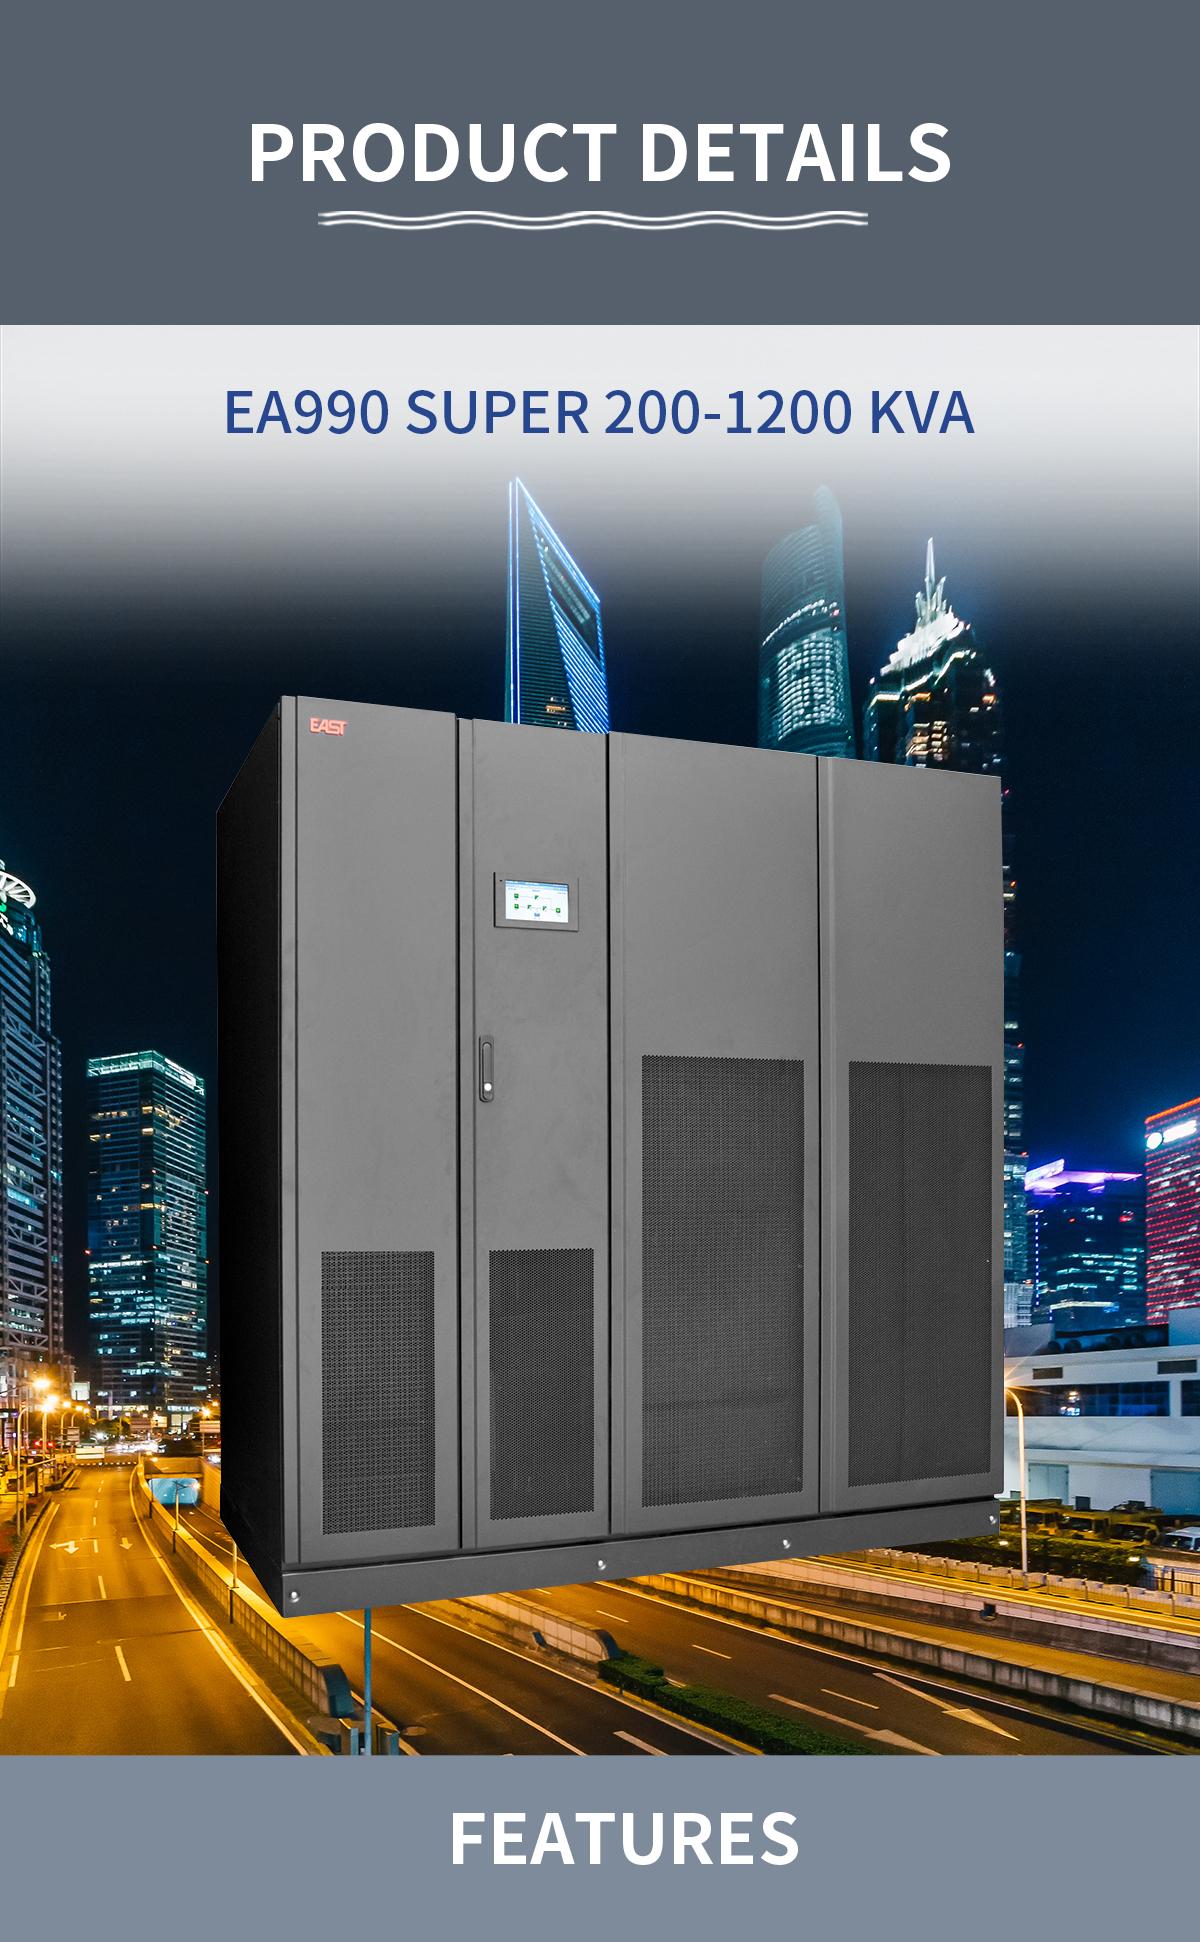 EA990-Super-200-1200-KVA-(33)_01.jpg